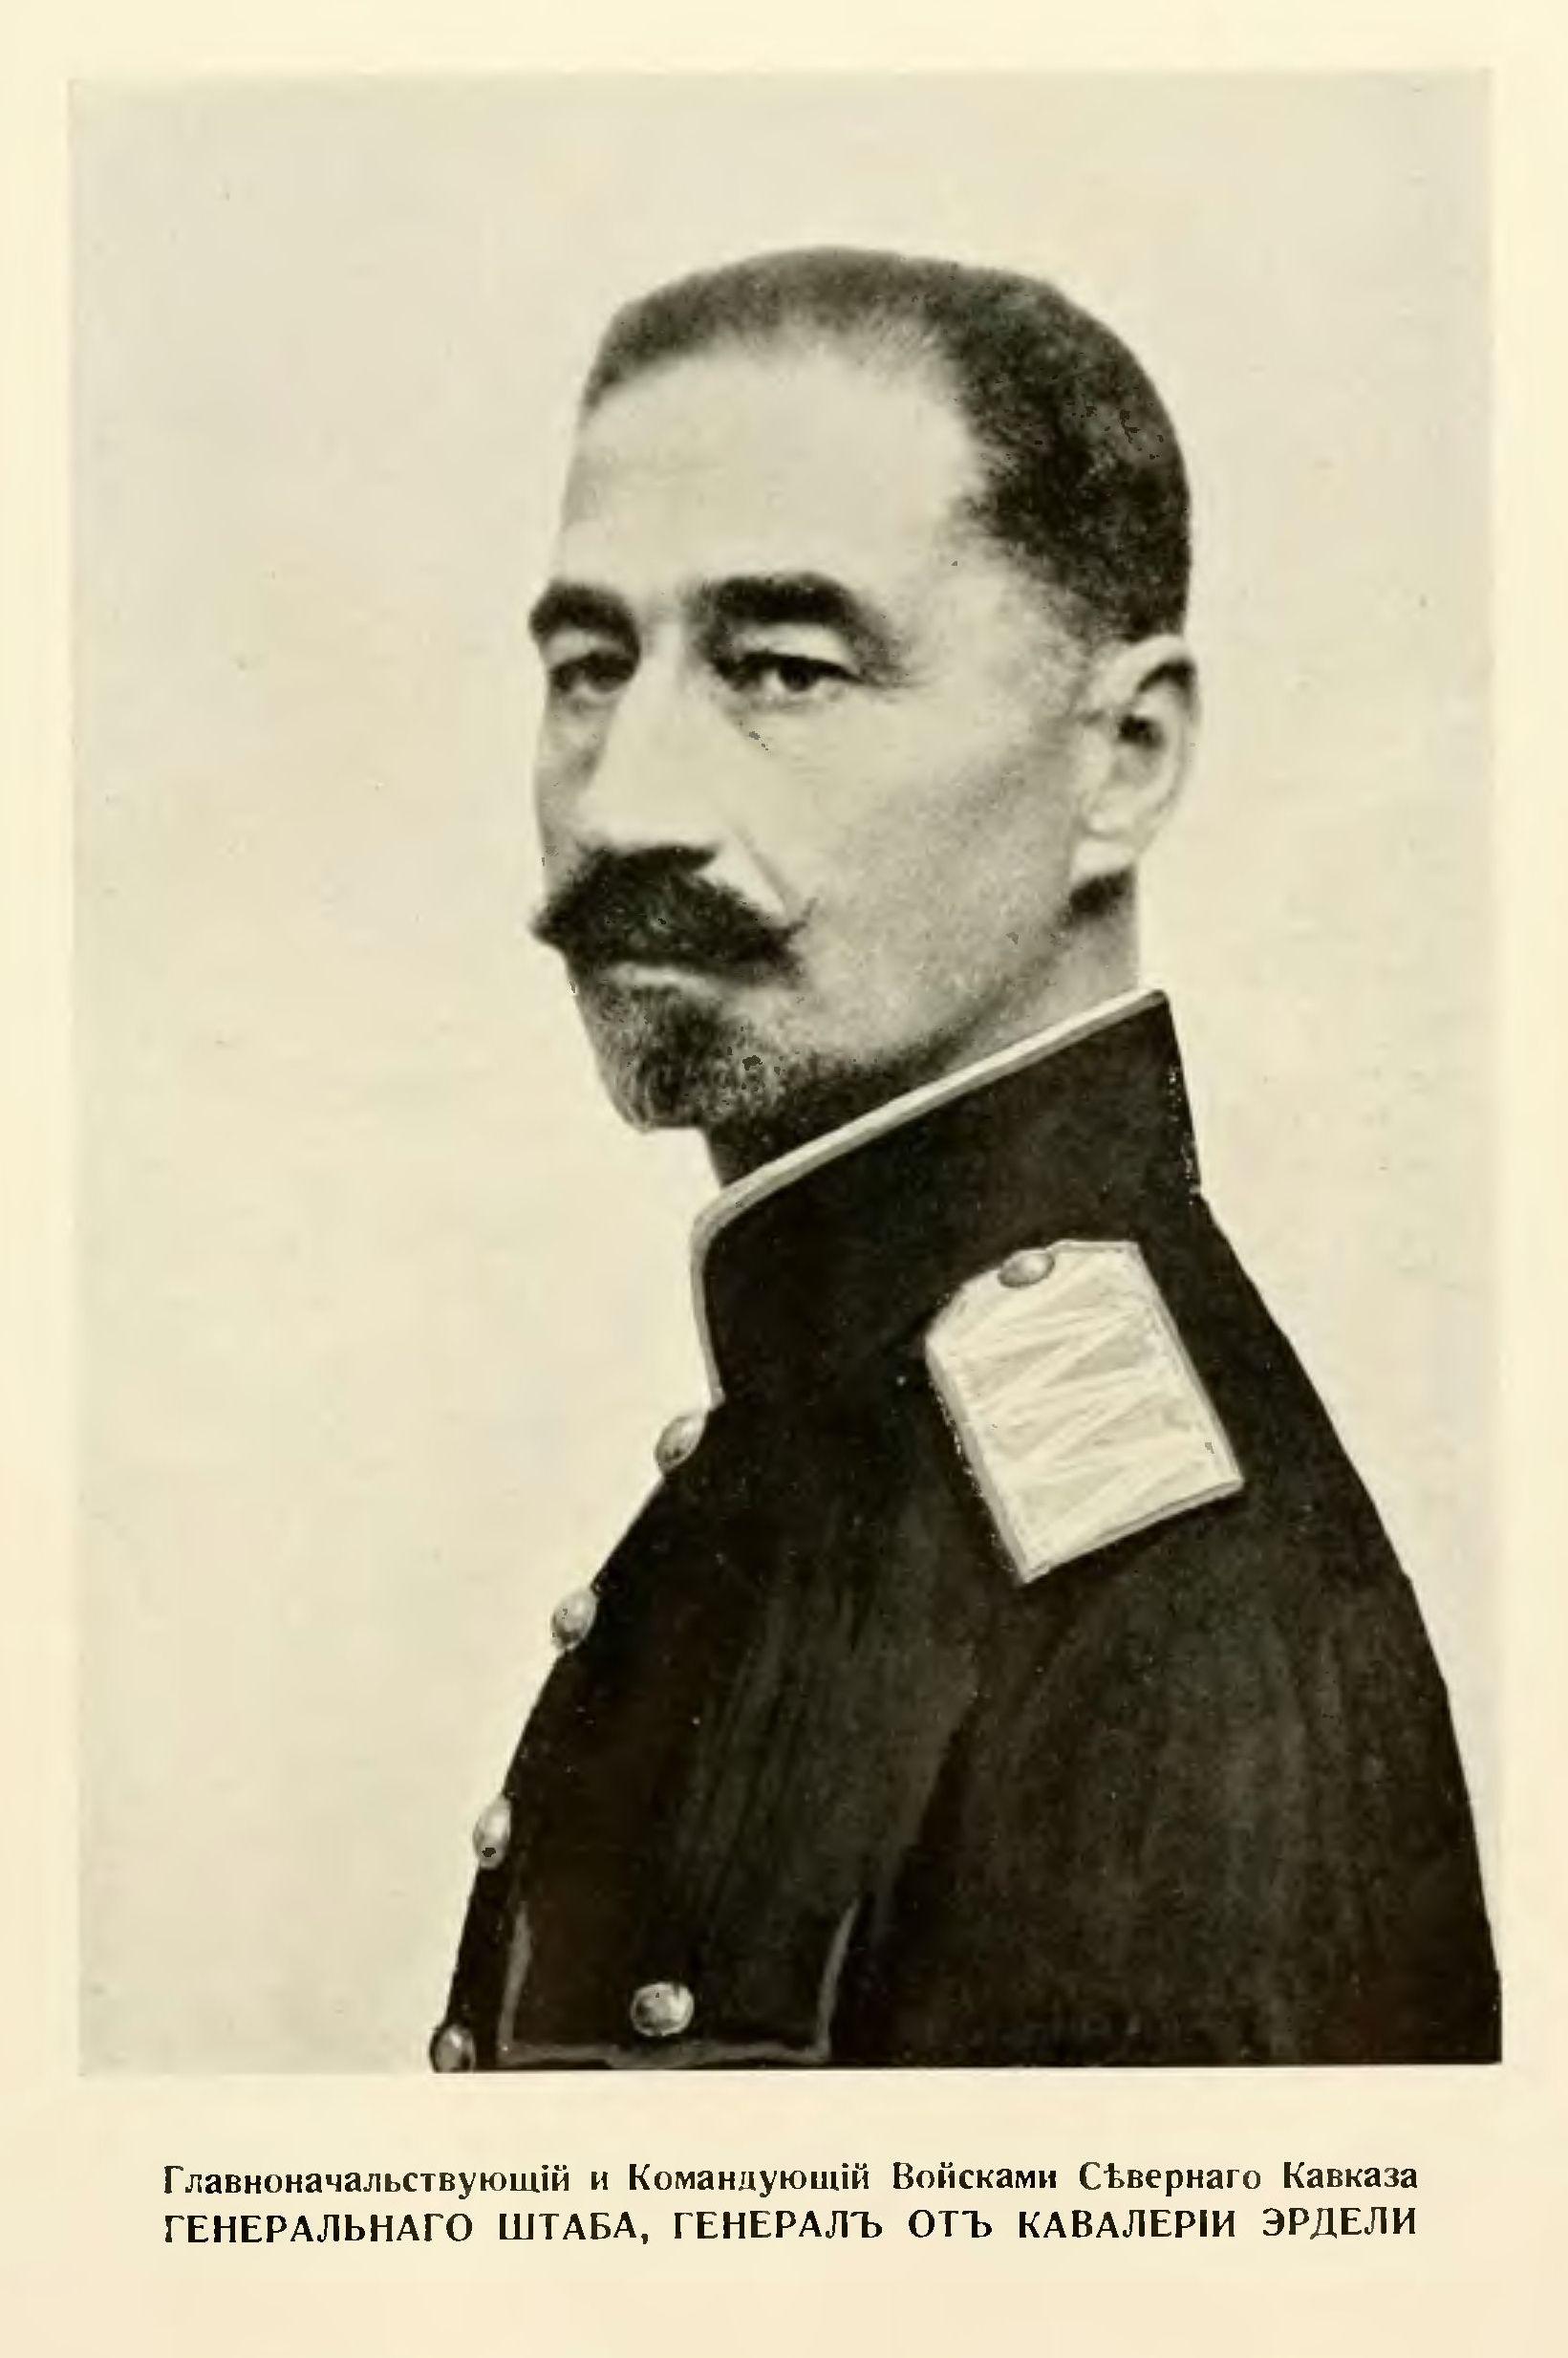 http://dic.academic.ru/pictures/wiki/files/69/Erdeli_general.jpg